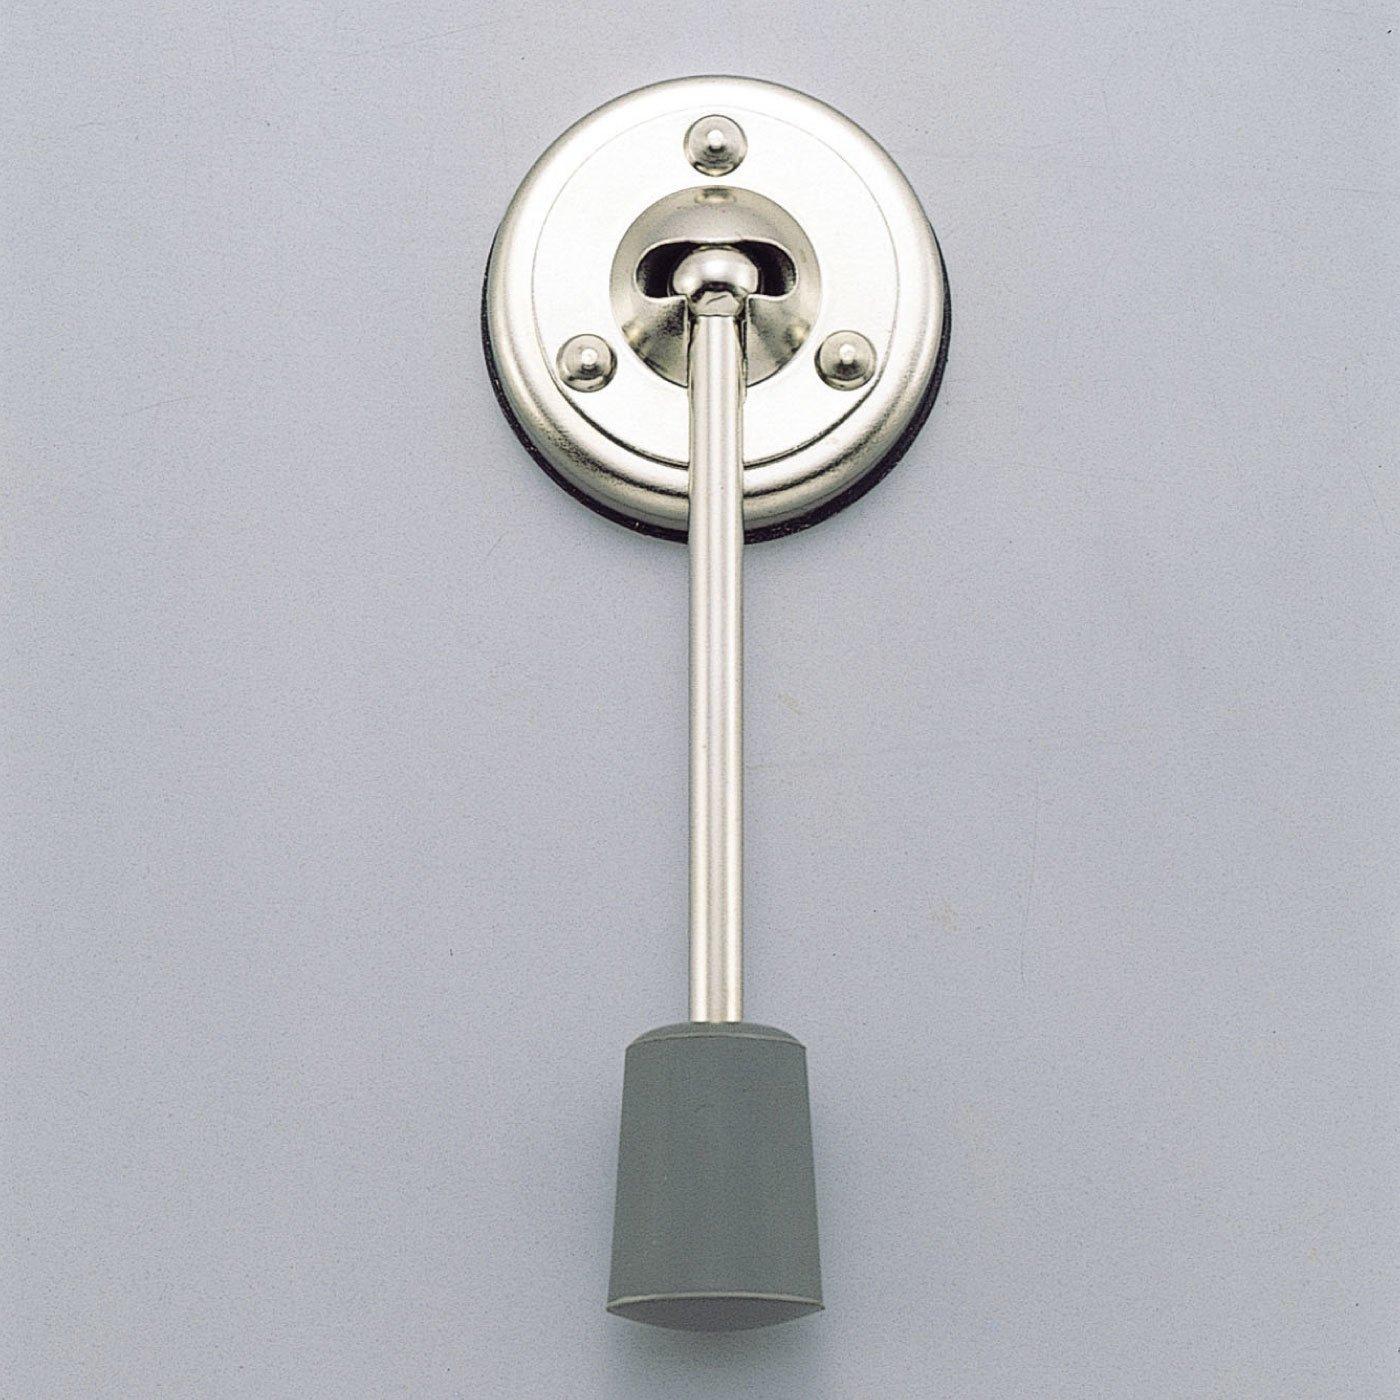 ドアチェーンをしたままいい風通す ドアスキッパー